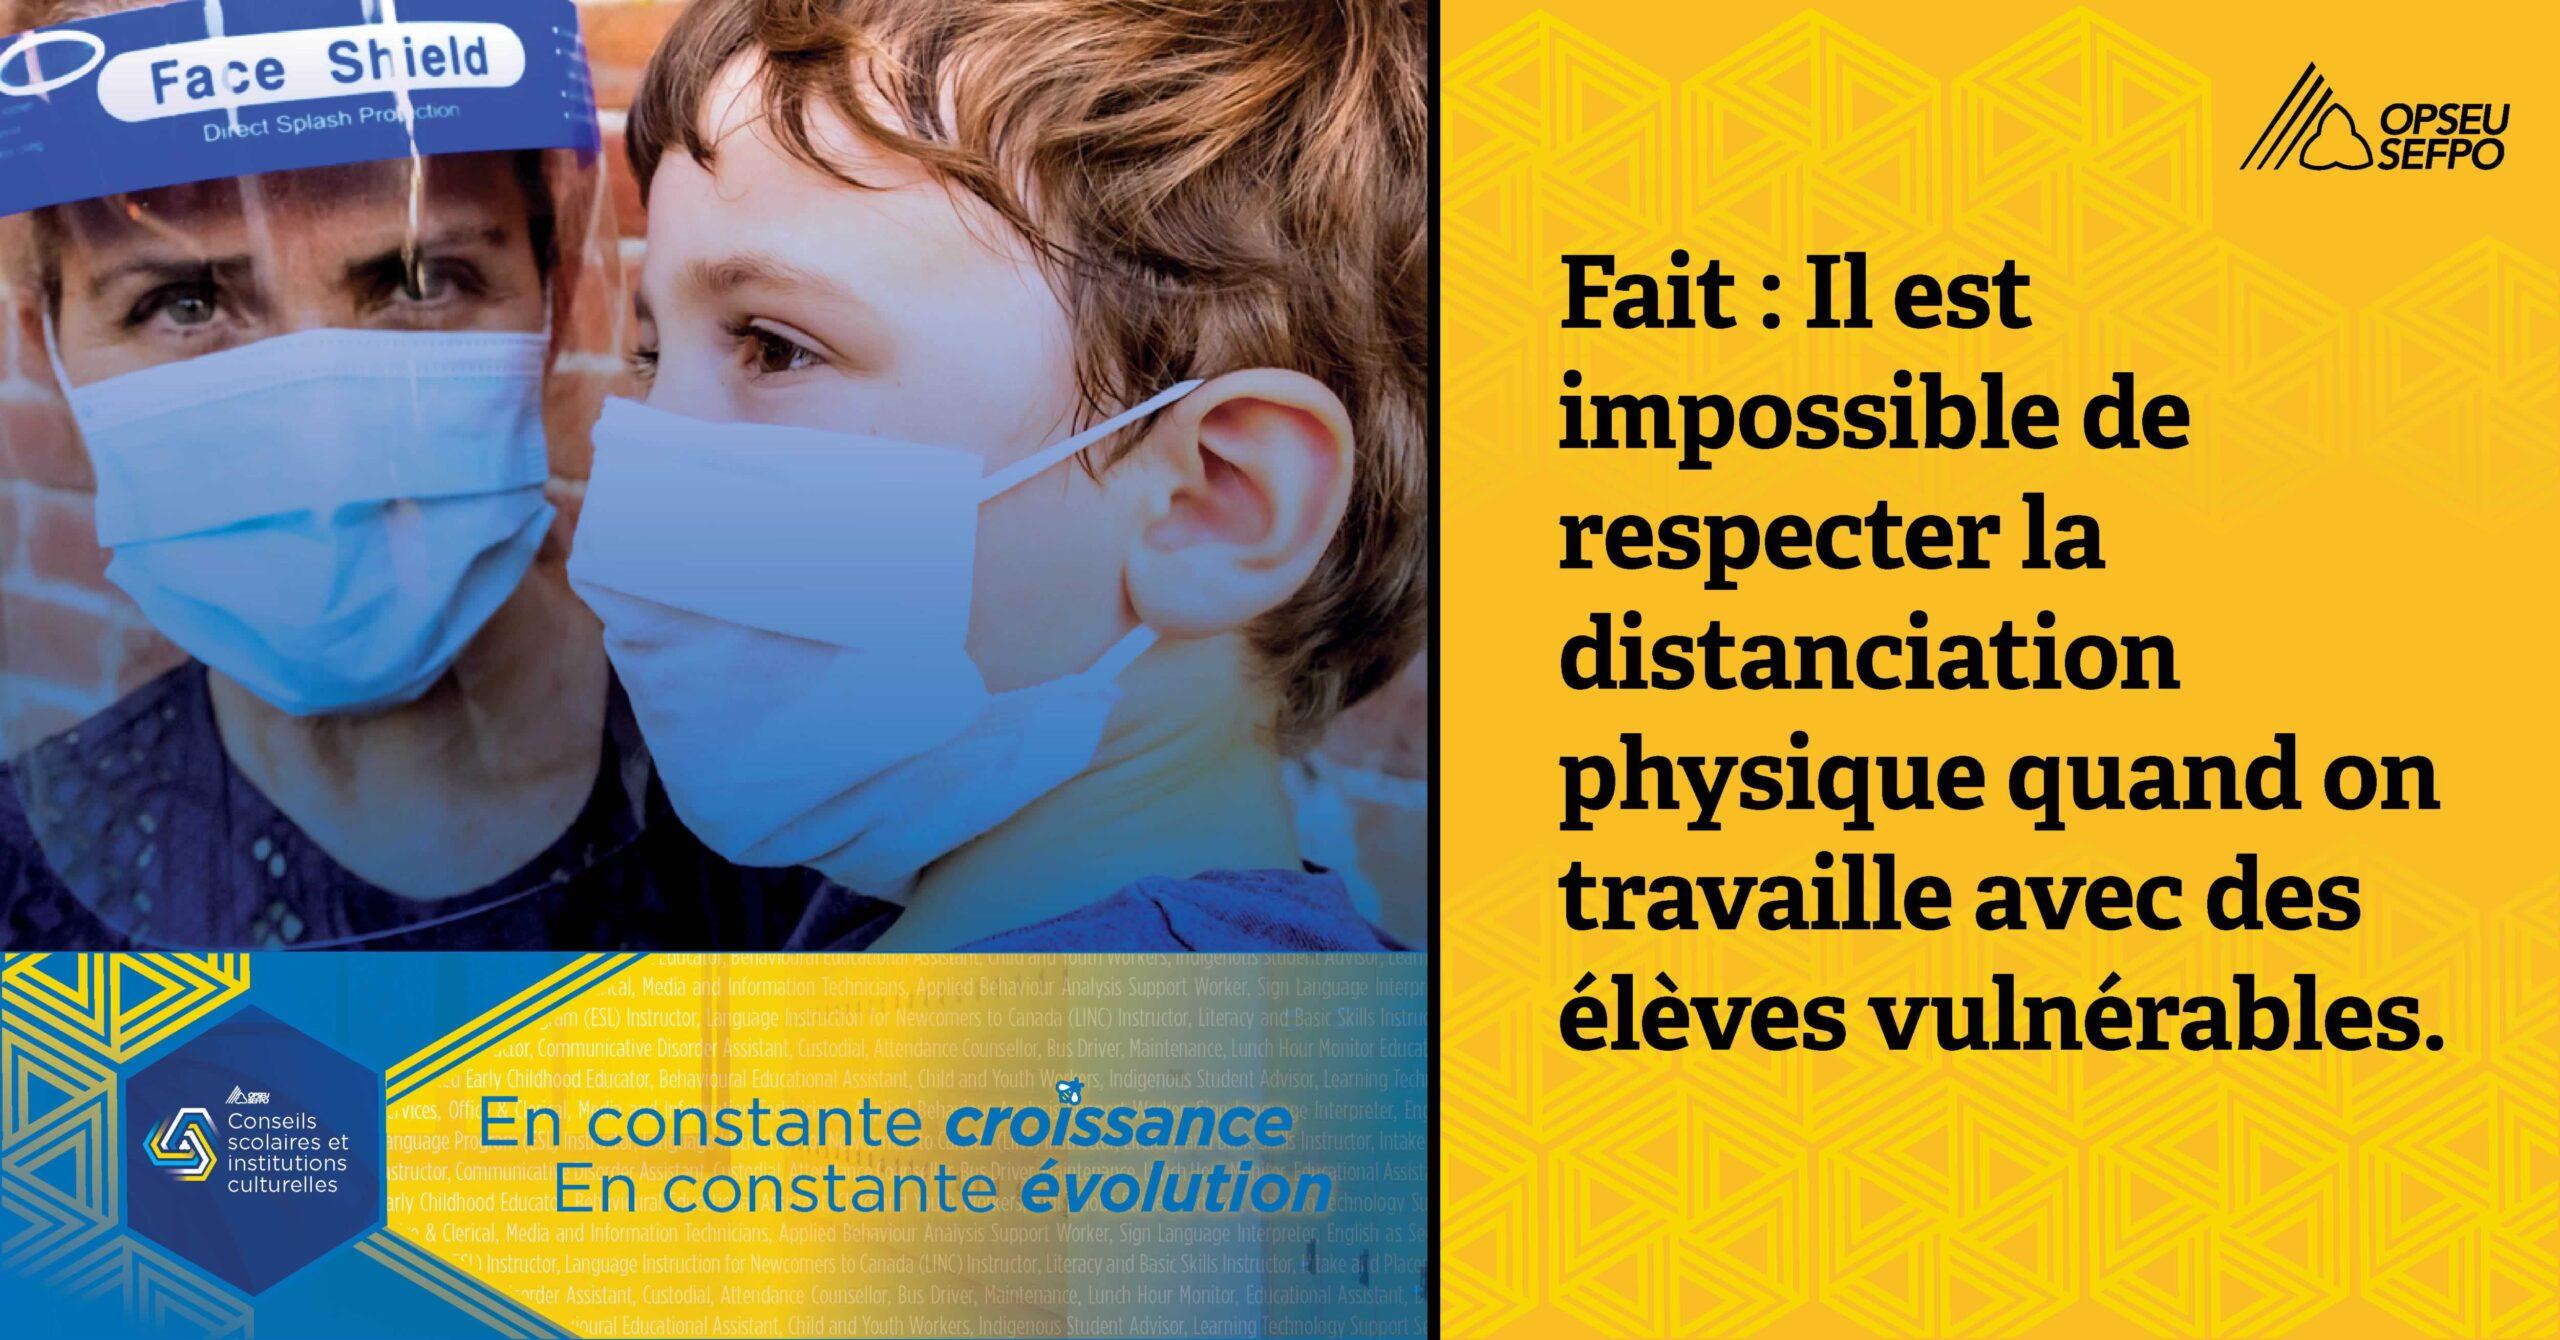 FAIT: Il est impossible de respecter la distanciation physique quand on travaille avec des élèves vulnérables.